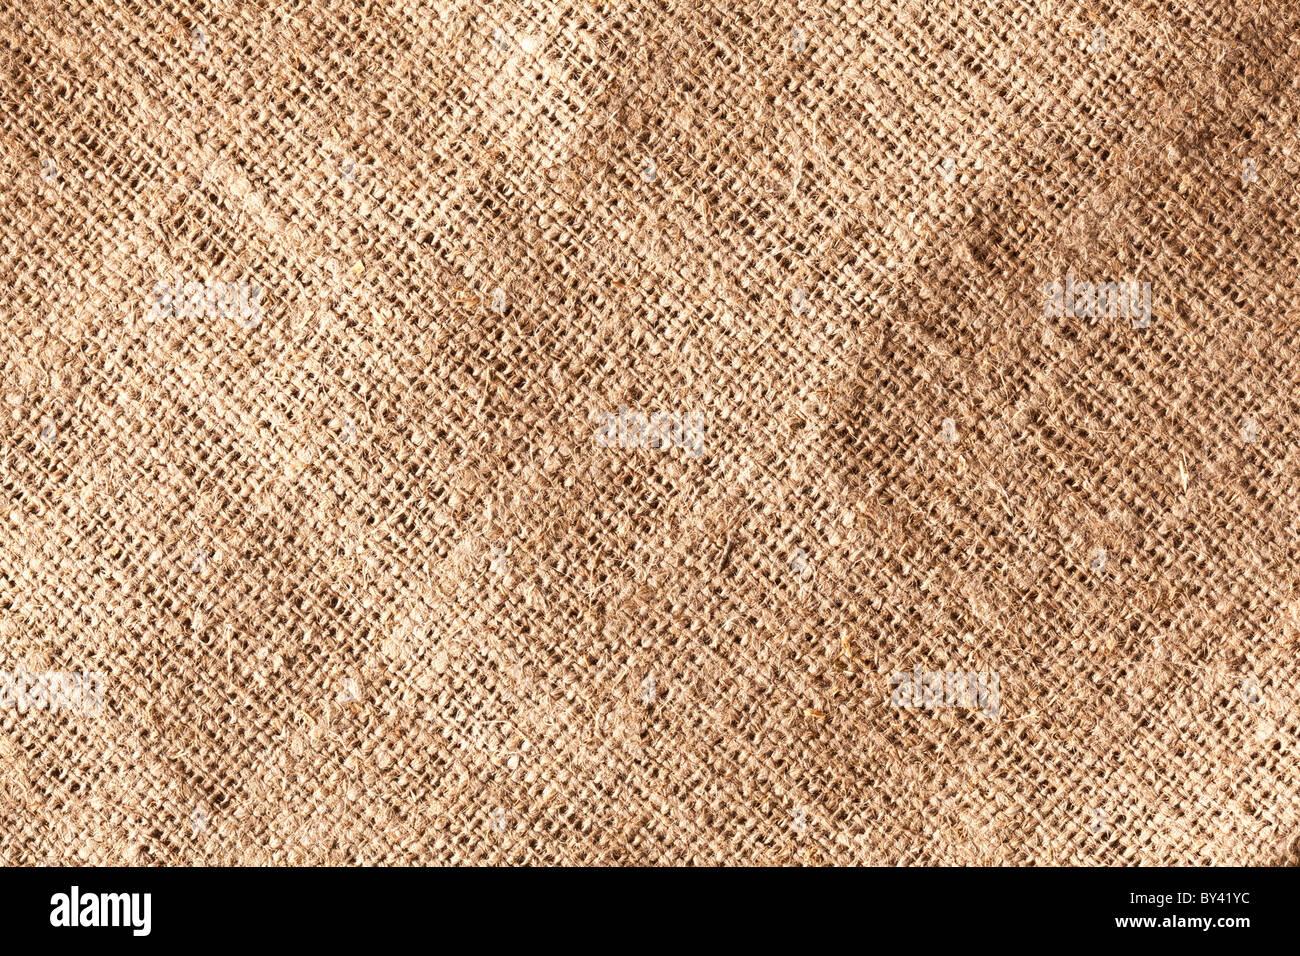 La texture de l'image de la toile de jute. Photo Stock